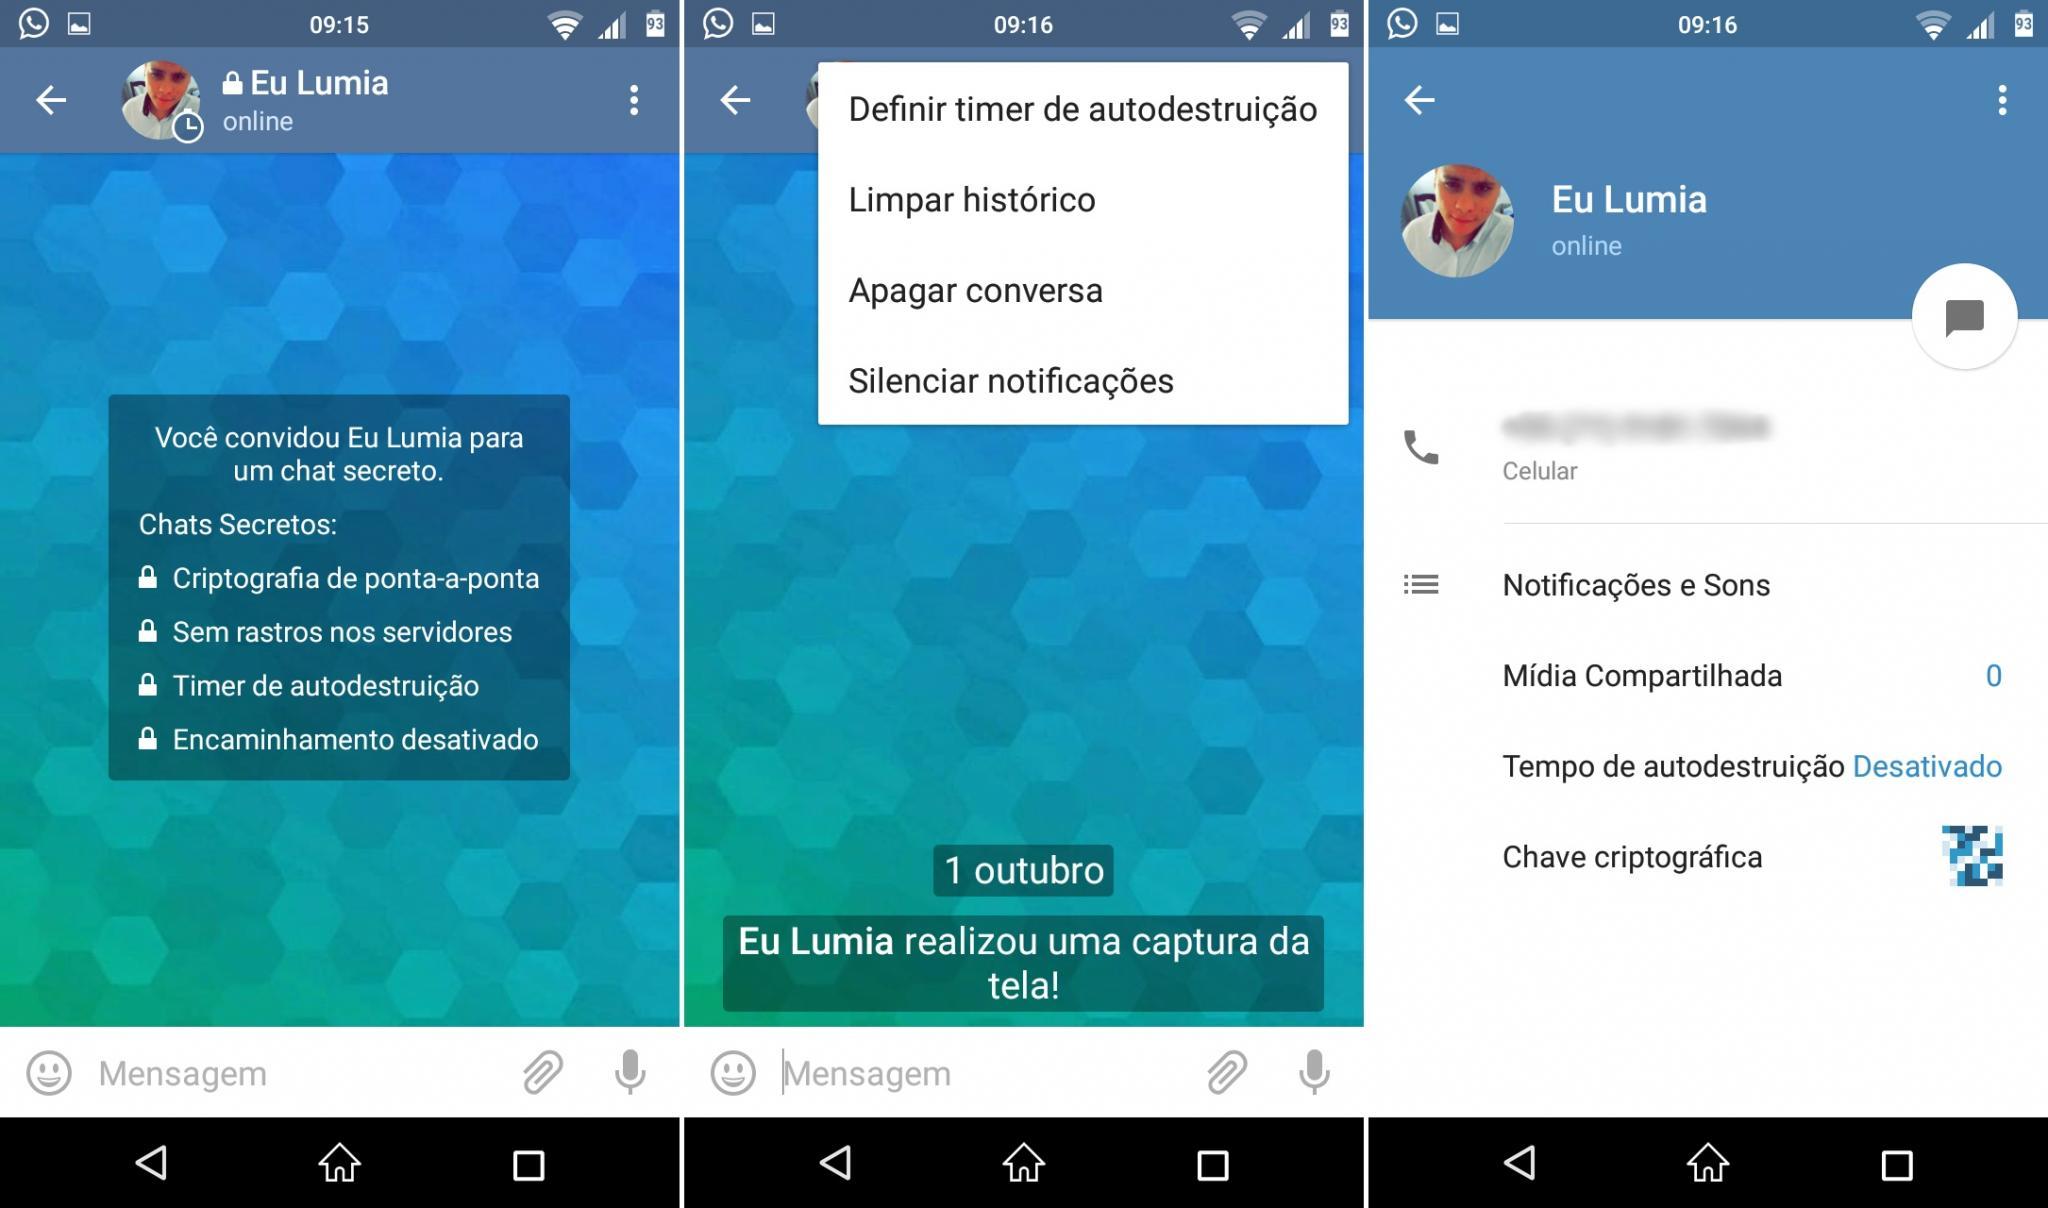 comparativo de apps #11 telegram - 10